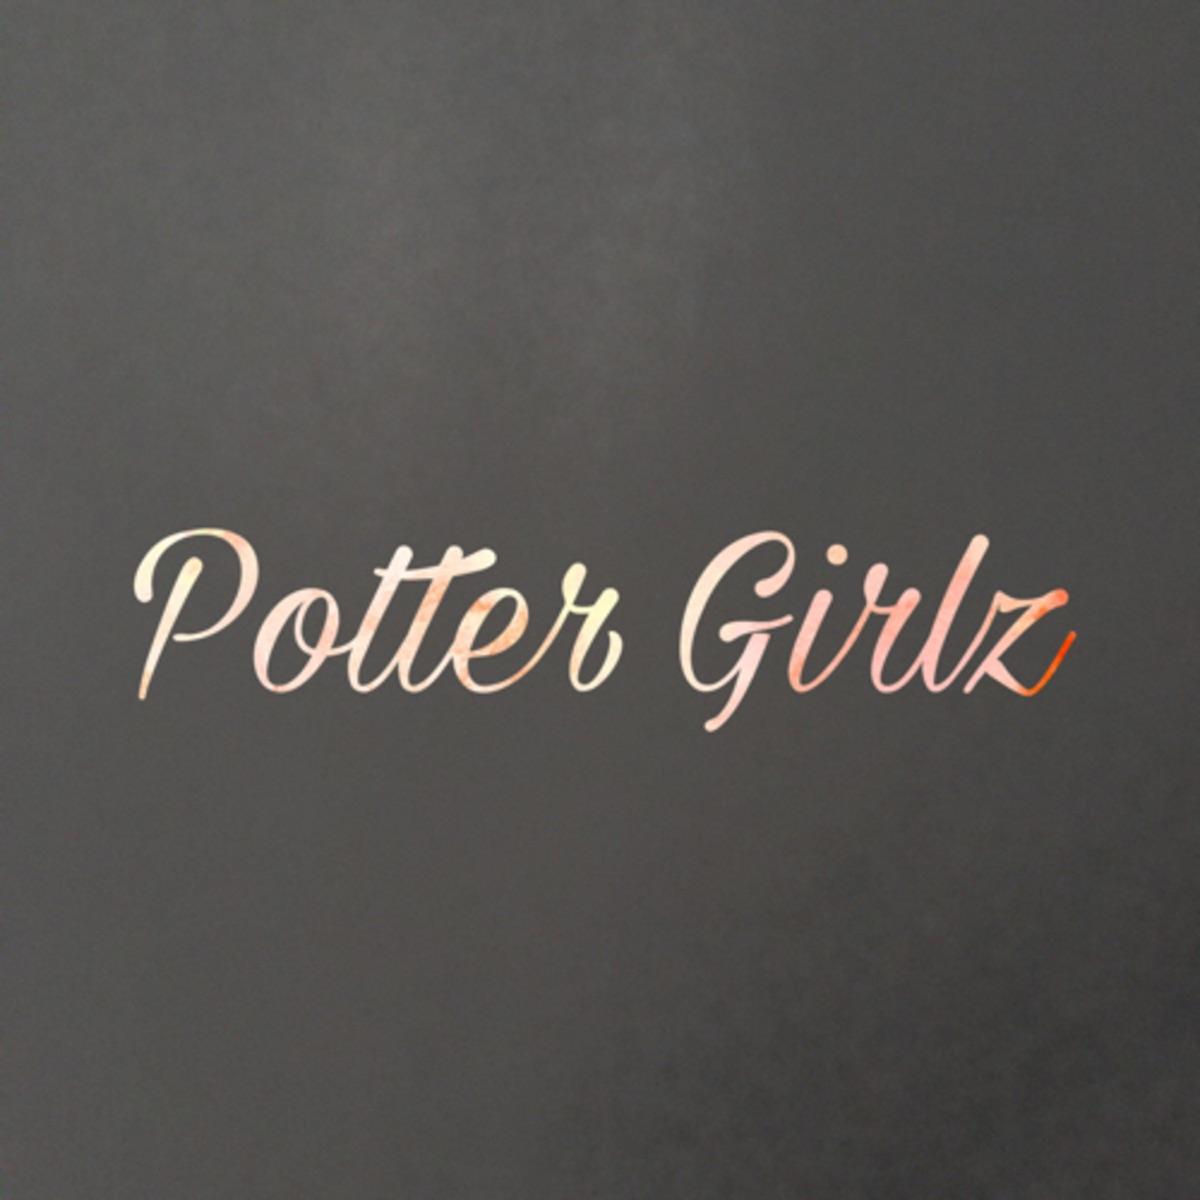 Potter girlz - a Harry Potter podcast